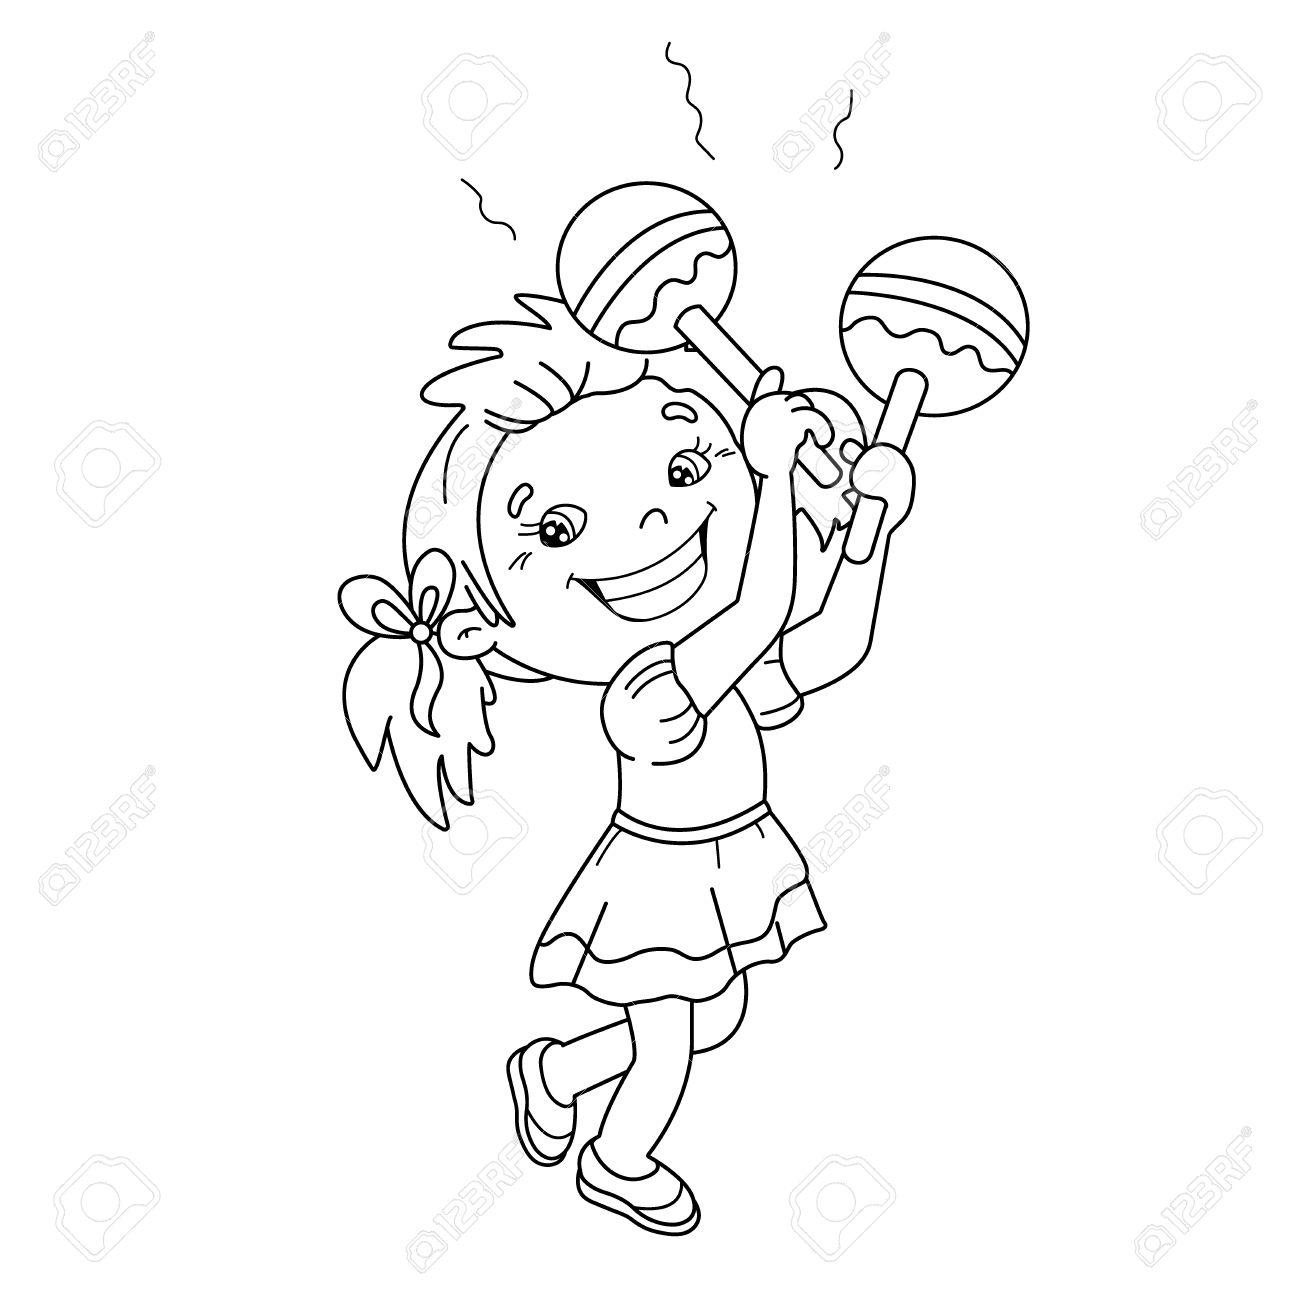 Página Para Colorear Esquema De Dibujos Animados Chica Tocando Las Maracas